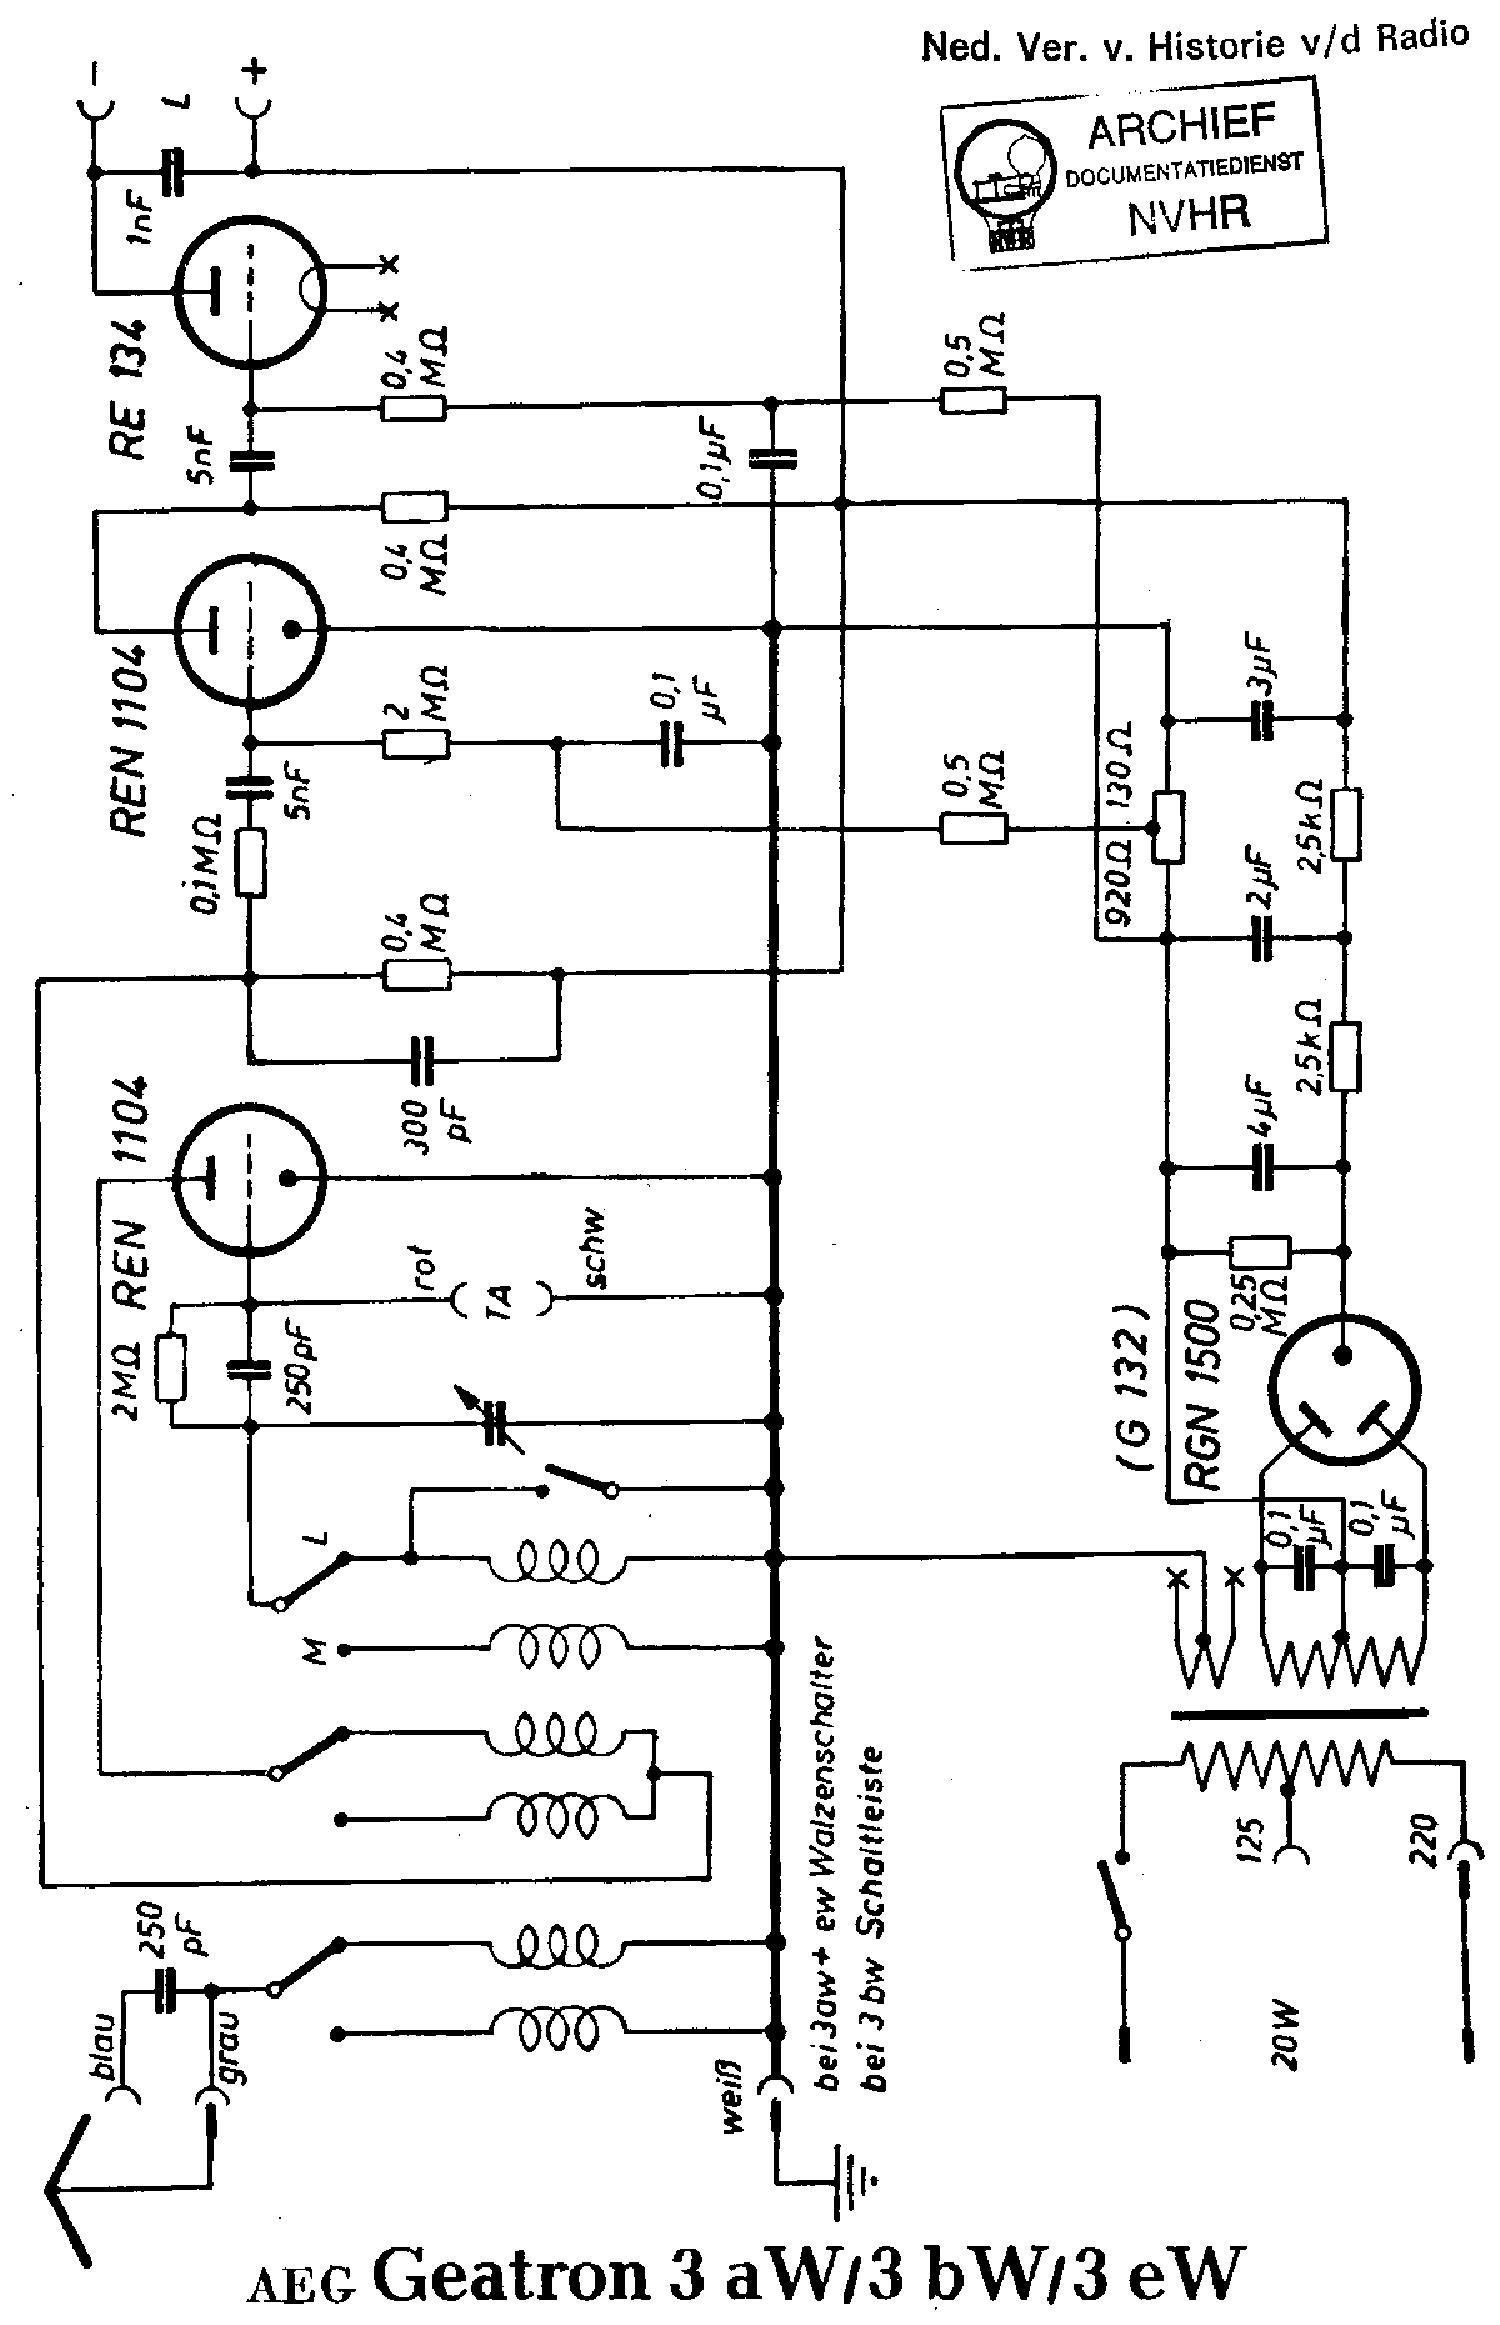 aeg geatron 303wl service manual download  schematics